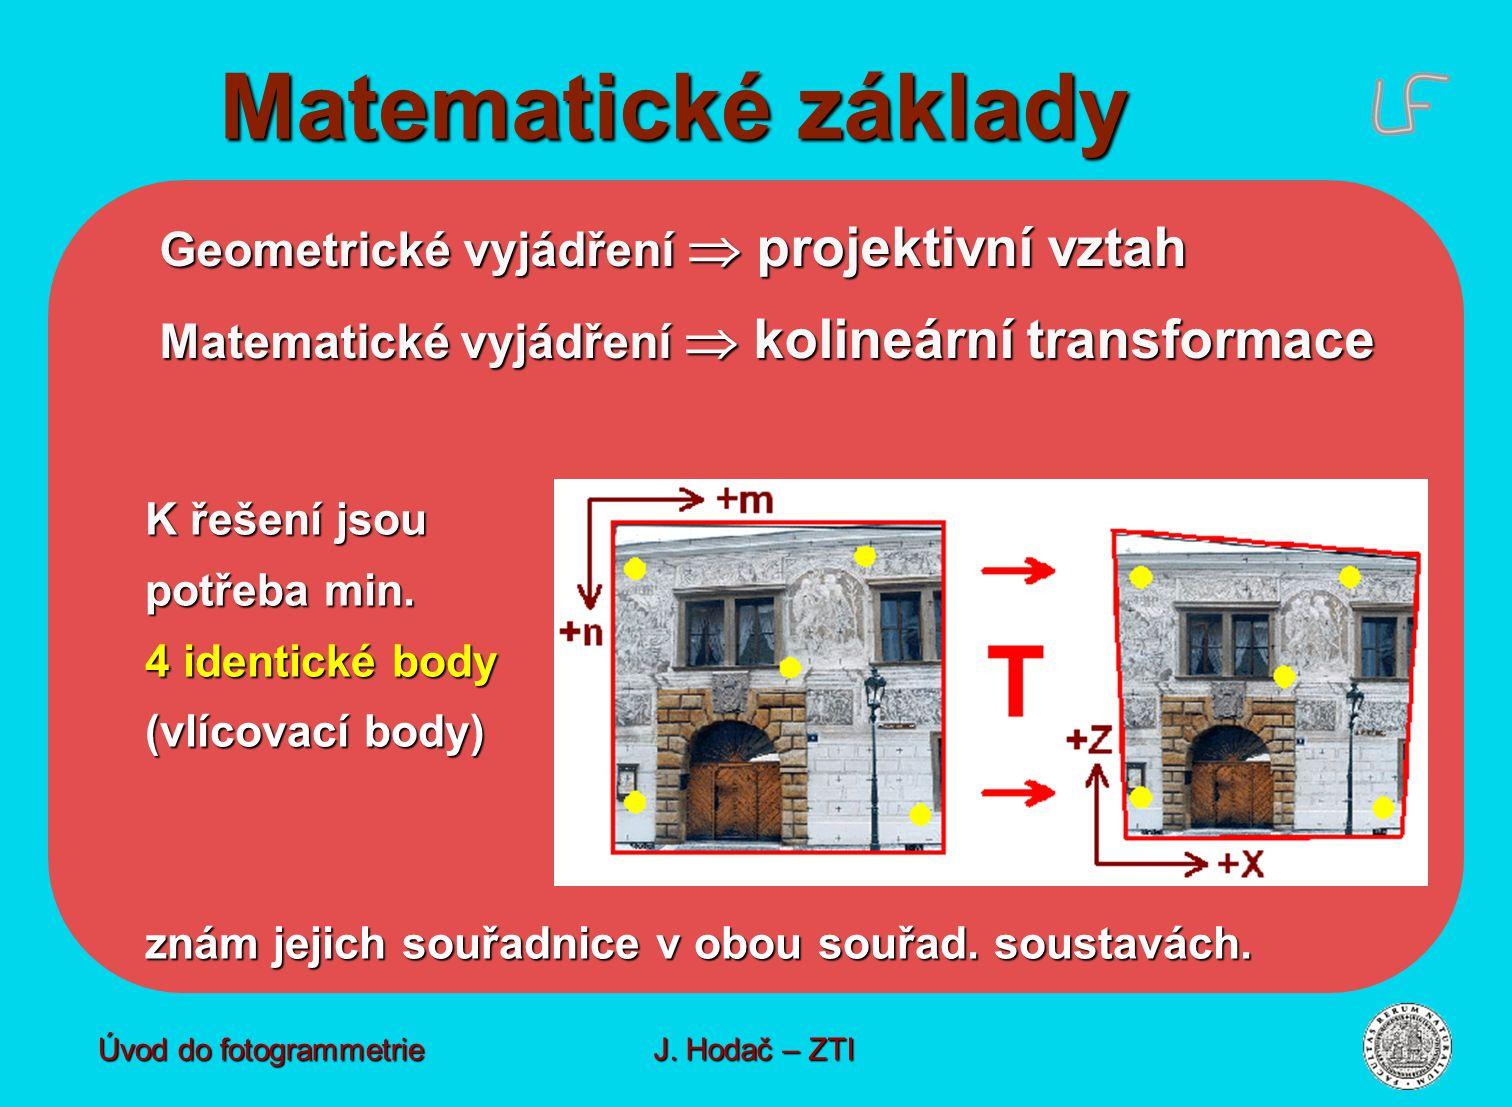 Matematické základy Matematické základy Geometrické vyjádření  projektivní vztah Matematické vyjádření  kolineární transformace K řešení jsou potřeba min.